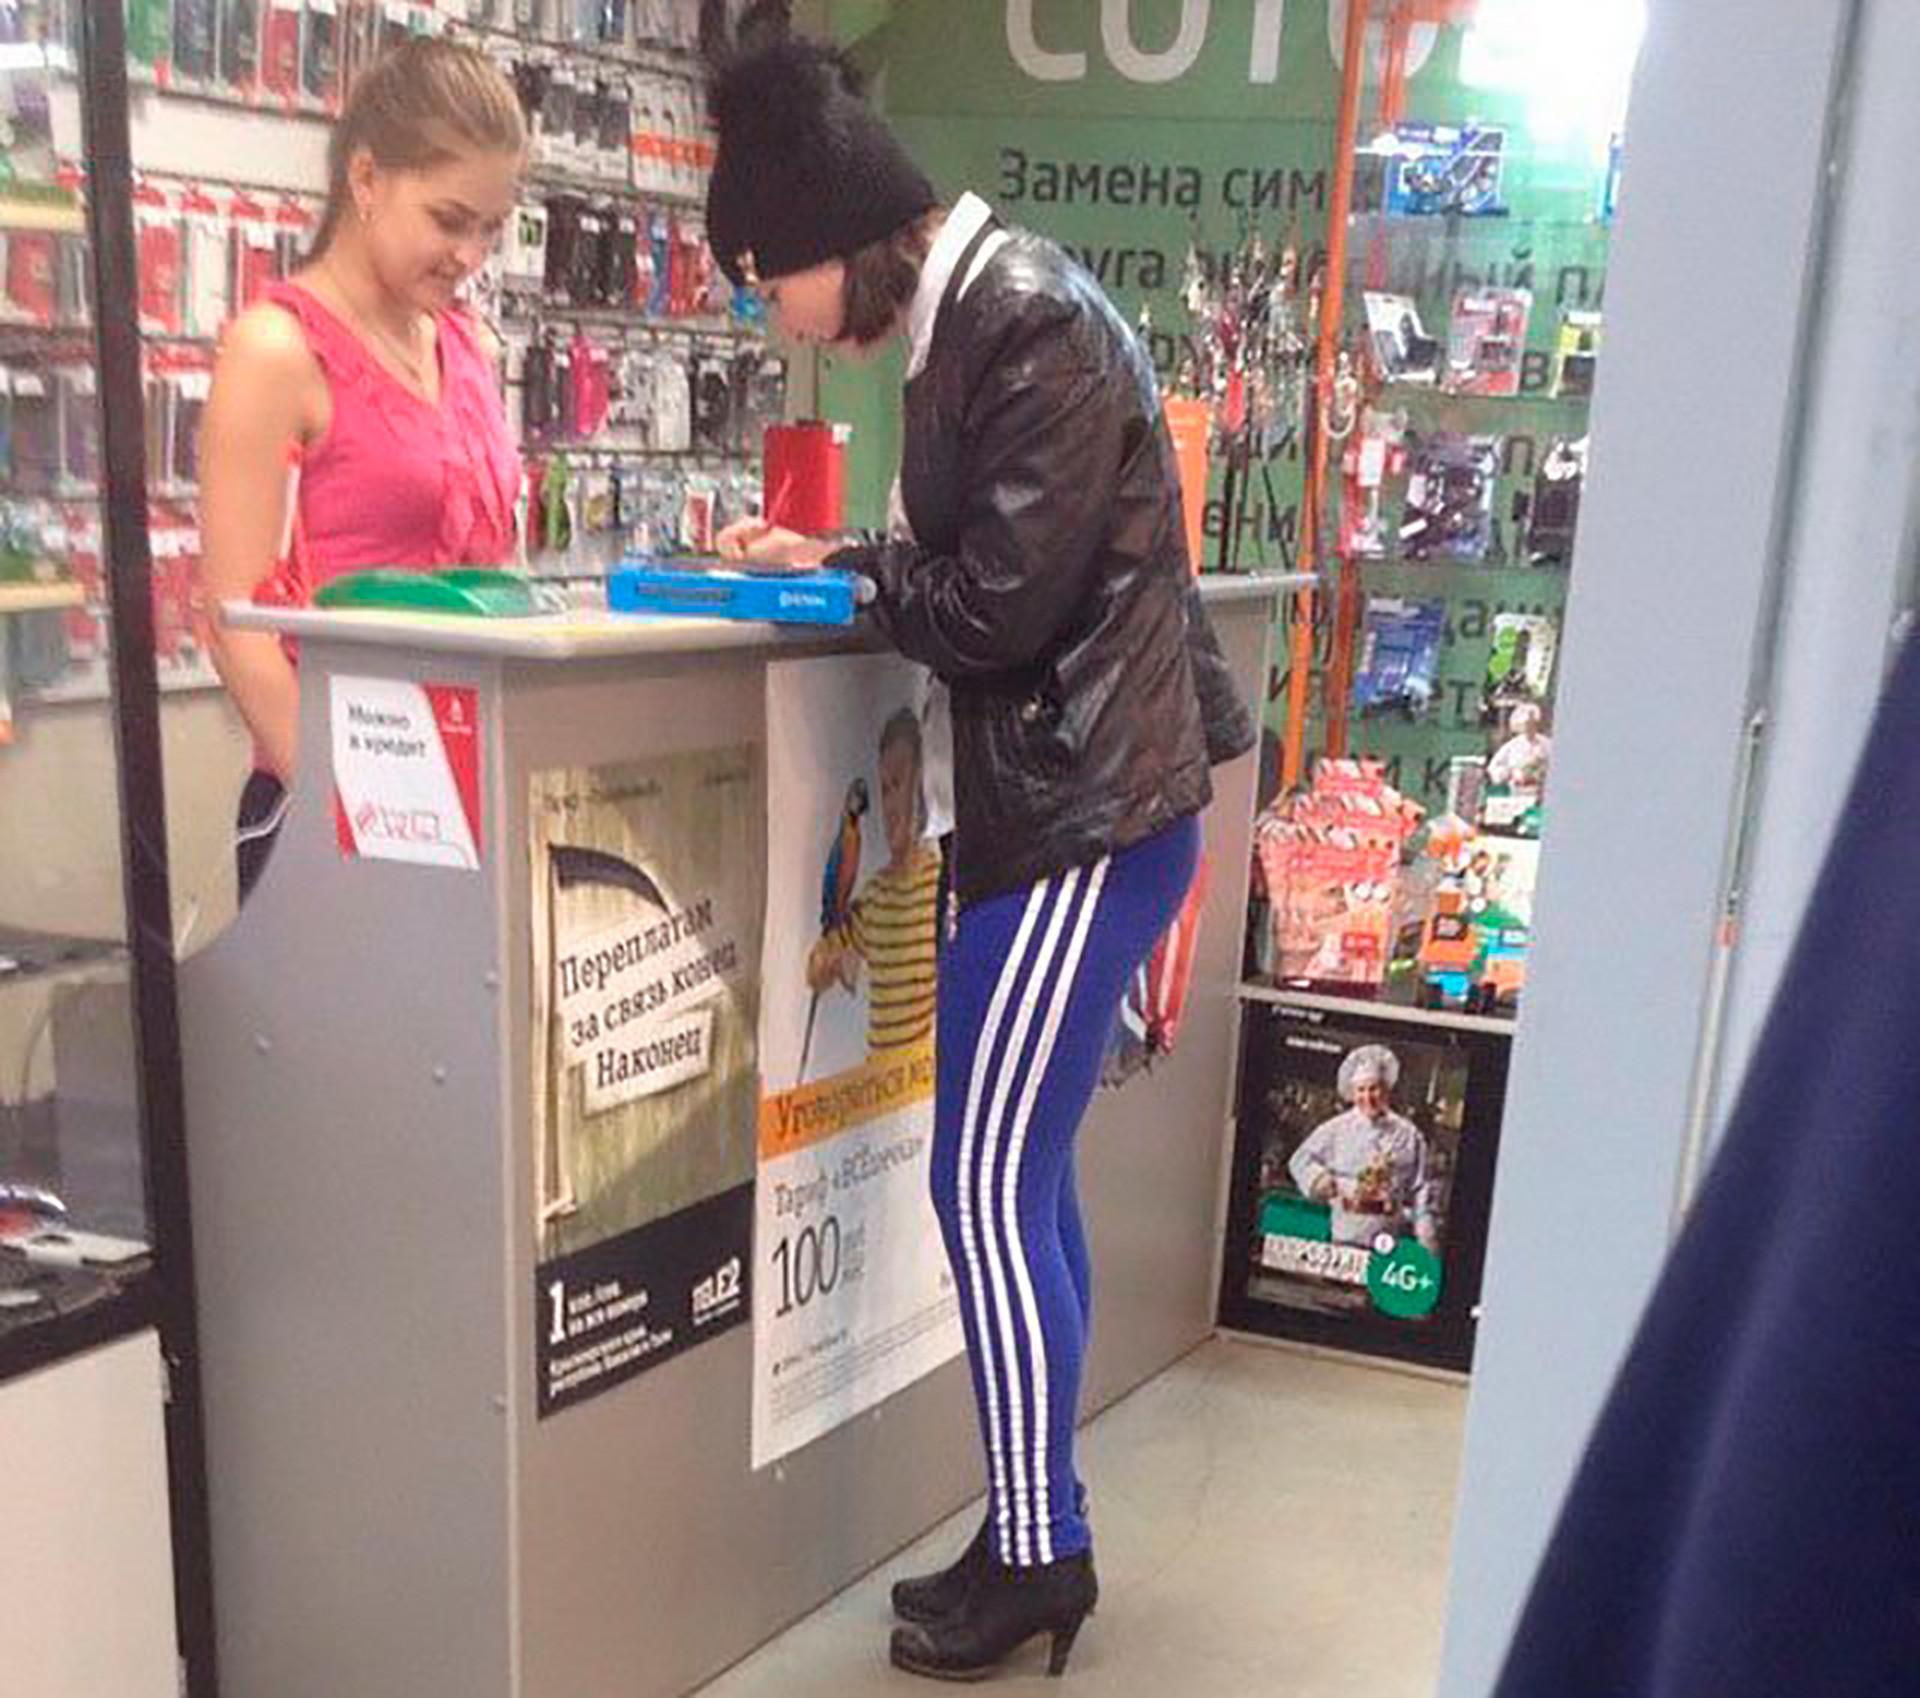 Terkadang, Adidas bahkan bisa dipadankan dengan sepatu hak tinggi (sebenarnya, itu aneh, tapi siapa yang peduli, ini Rusia).